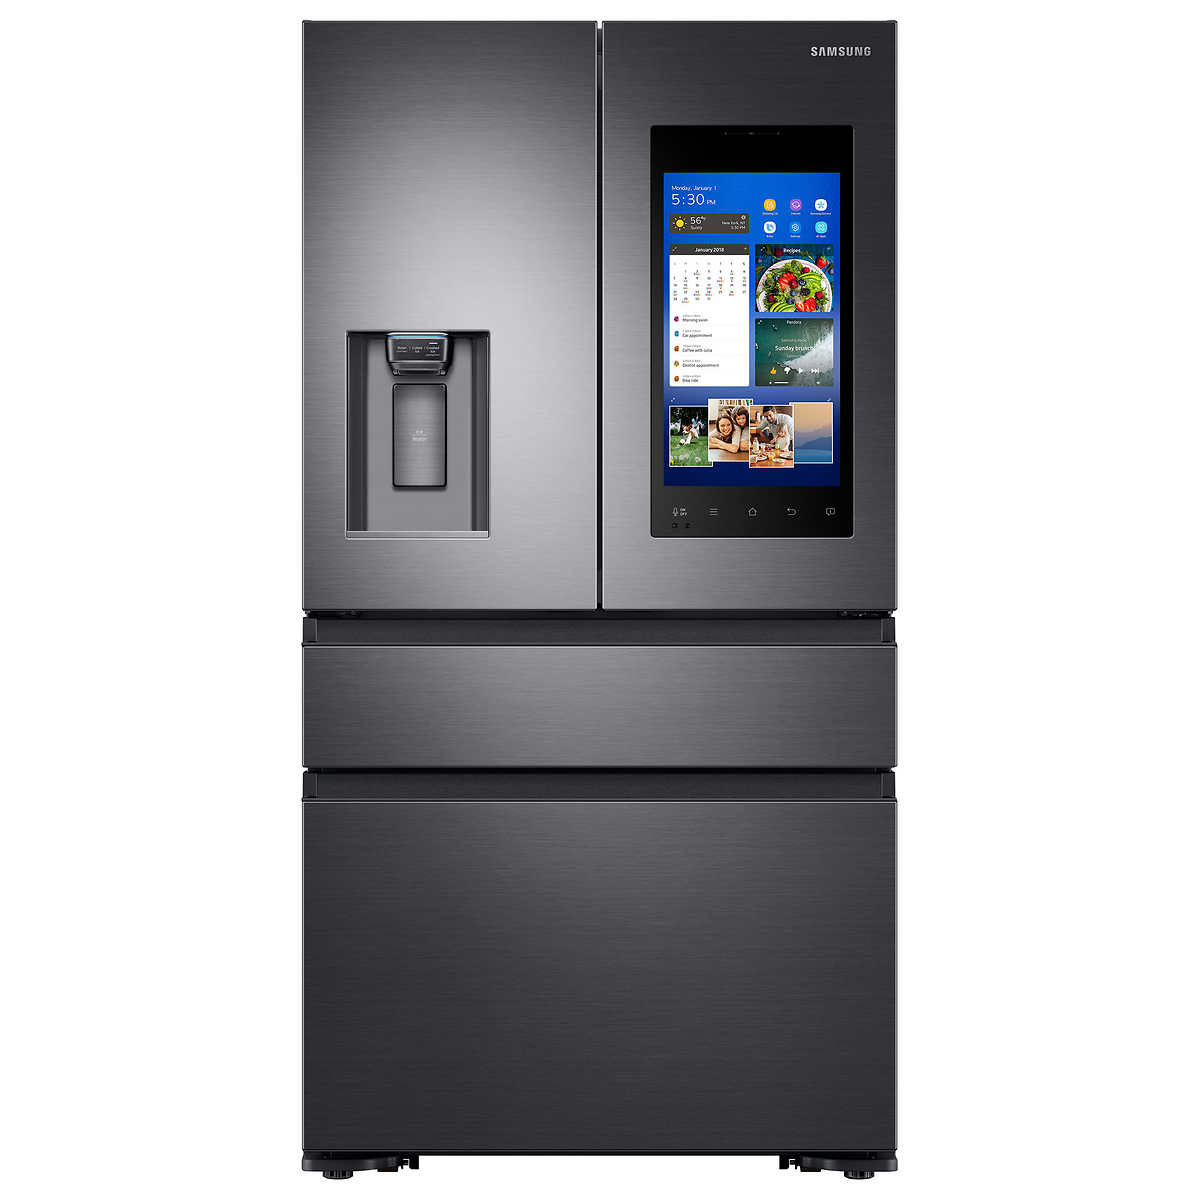 Samsung 22.2CuFt 4-door French Door Counter-Depth Refrigerator ...